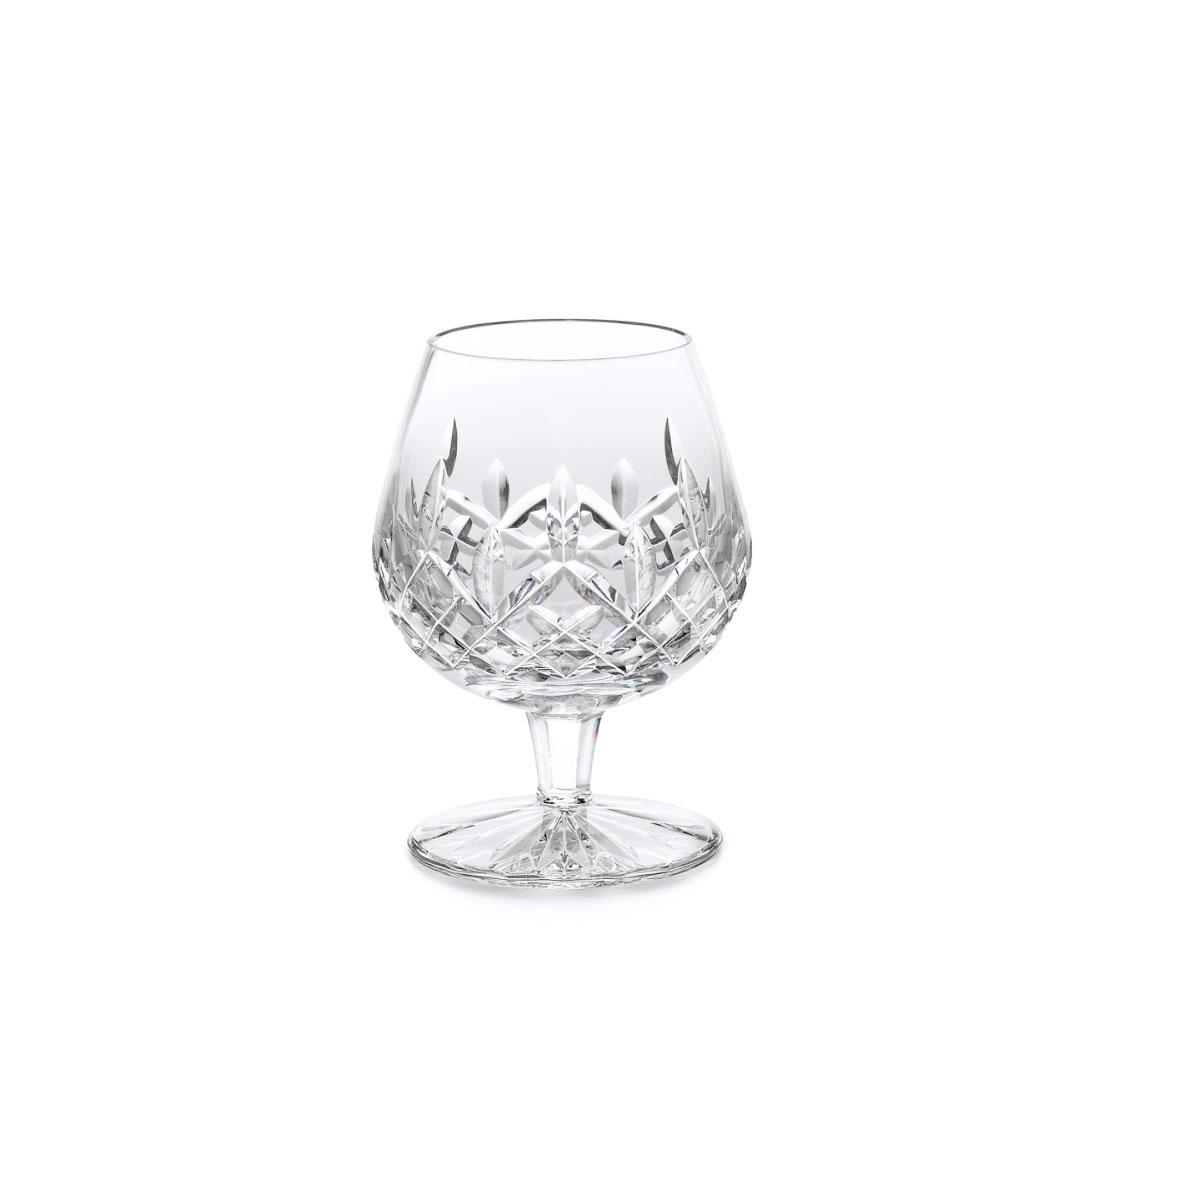 Waterford Crystal, Lismore Large Brandy, Pair